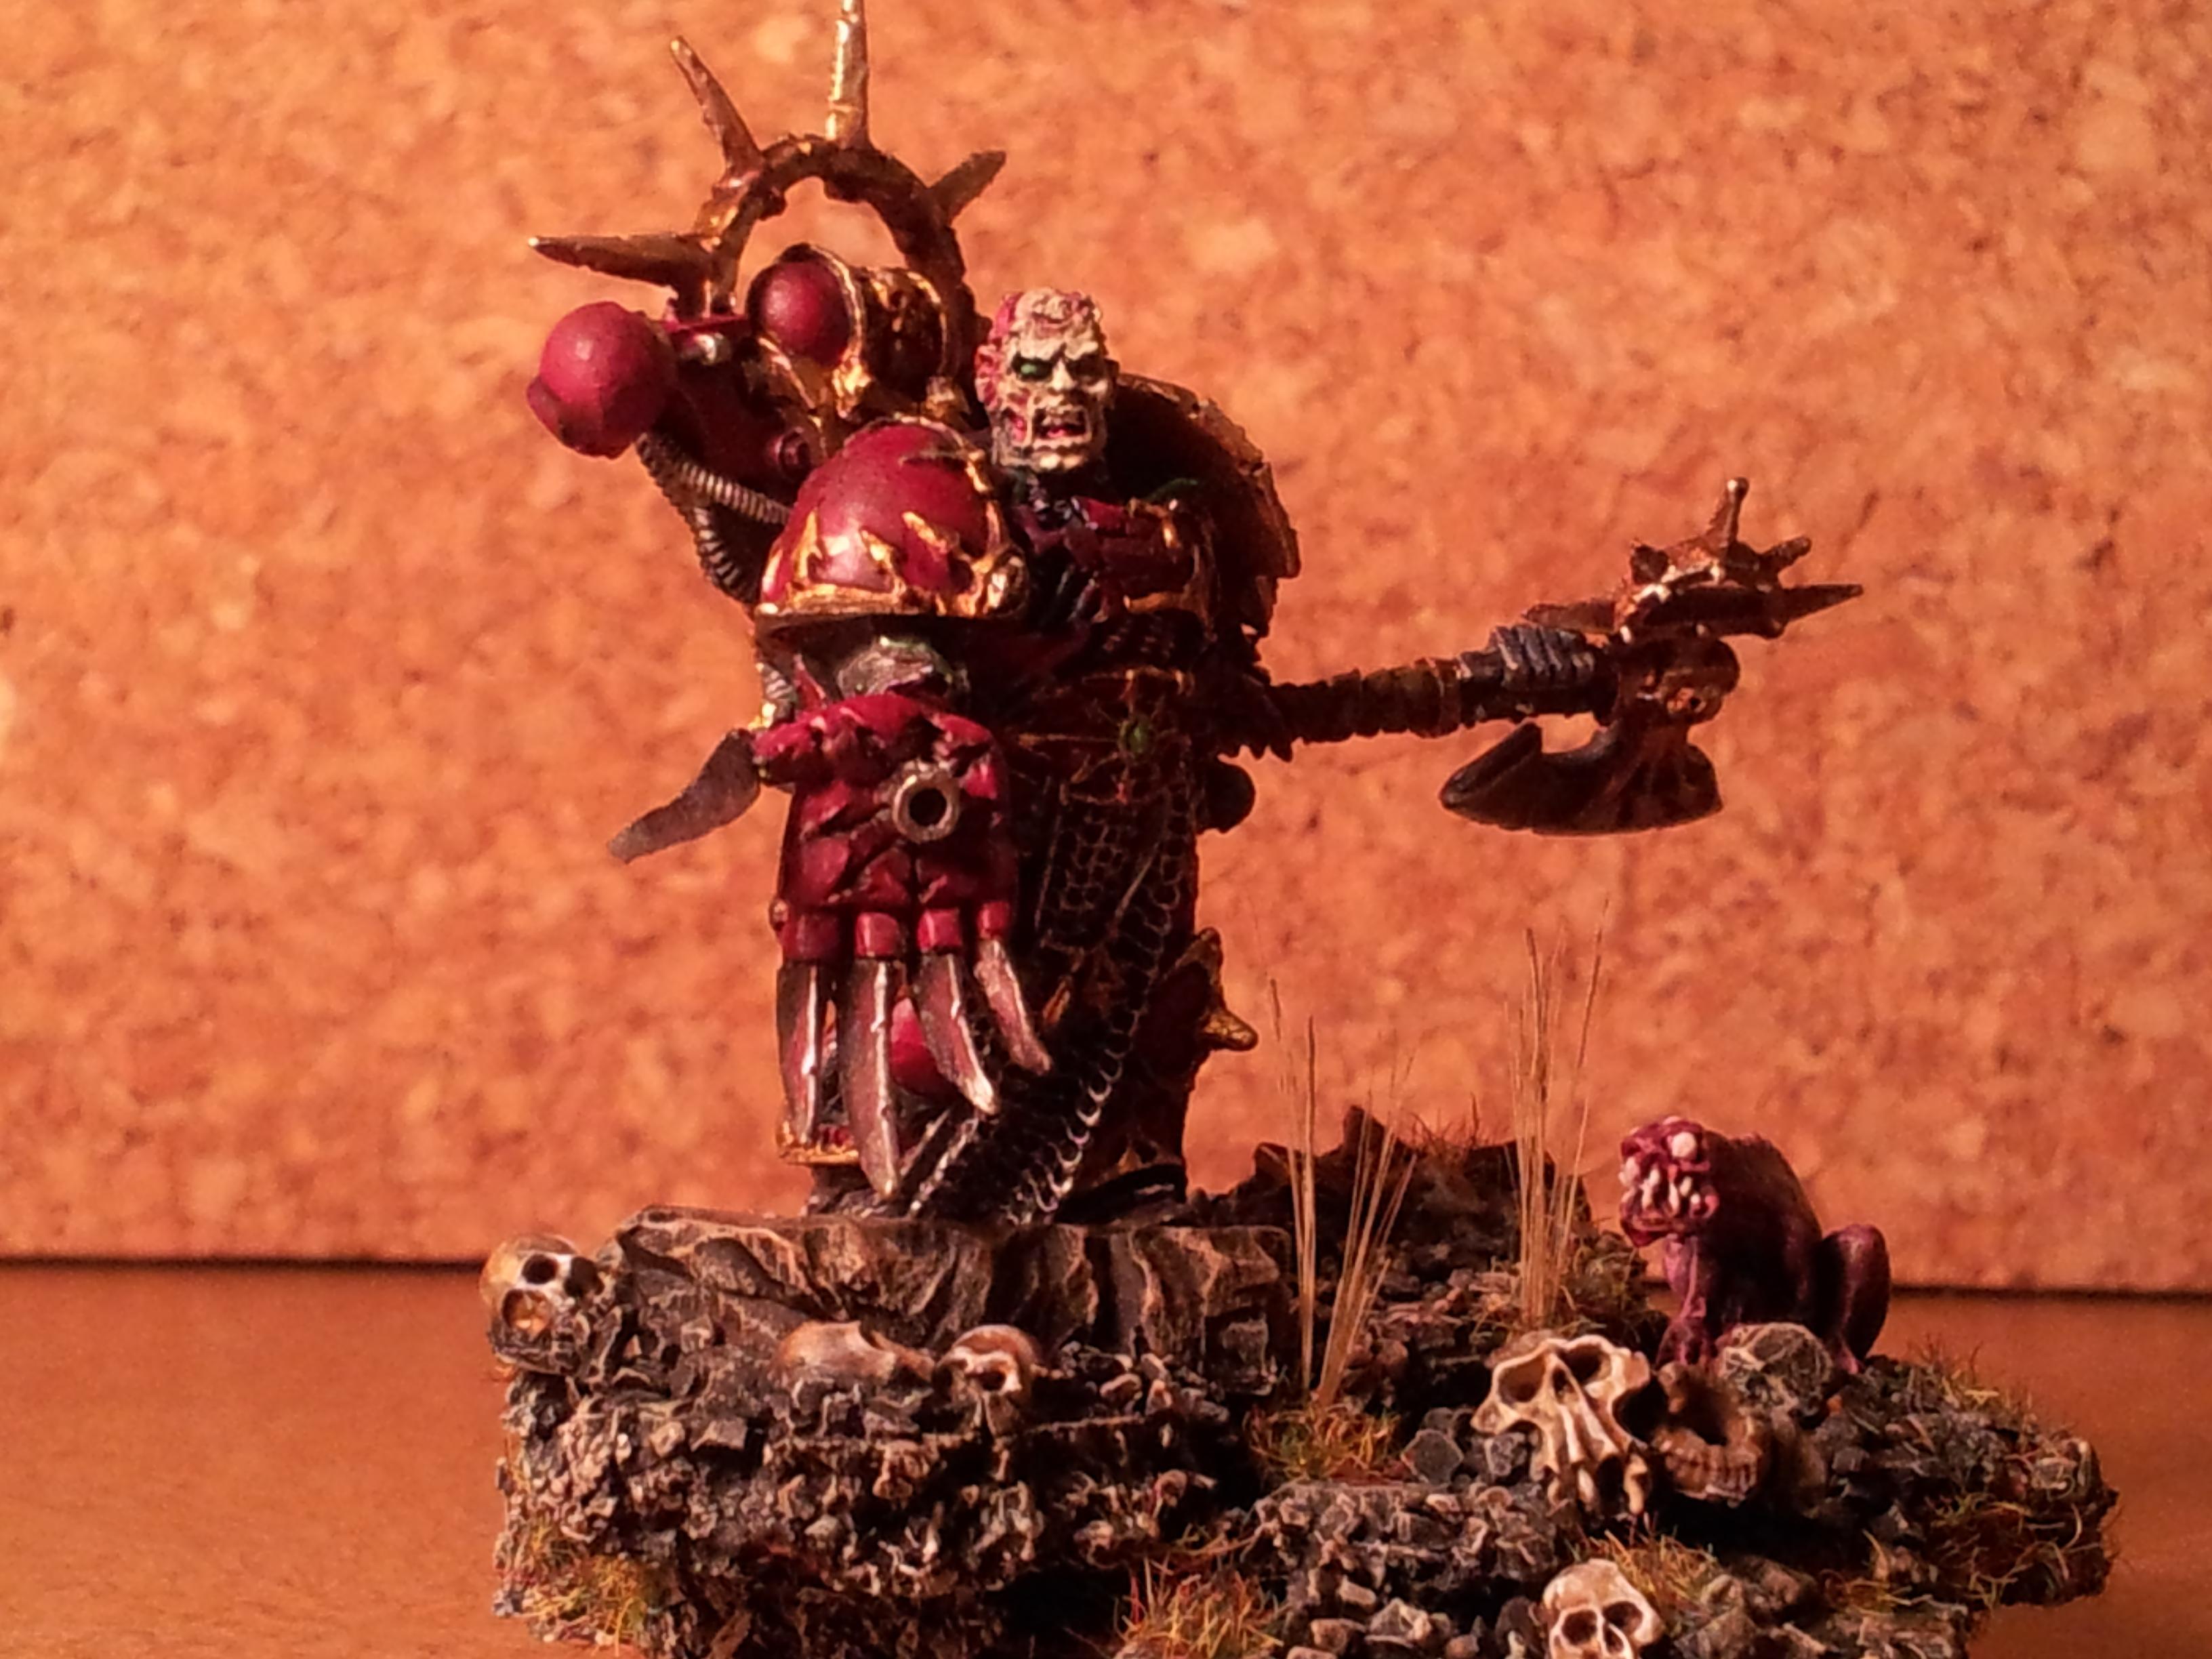 Blackheart, Chaos, Chaos Space Marines, Huron, Space Marines, Warhammer 40,000, Warhammer Fantasy